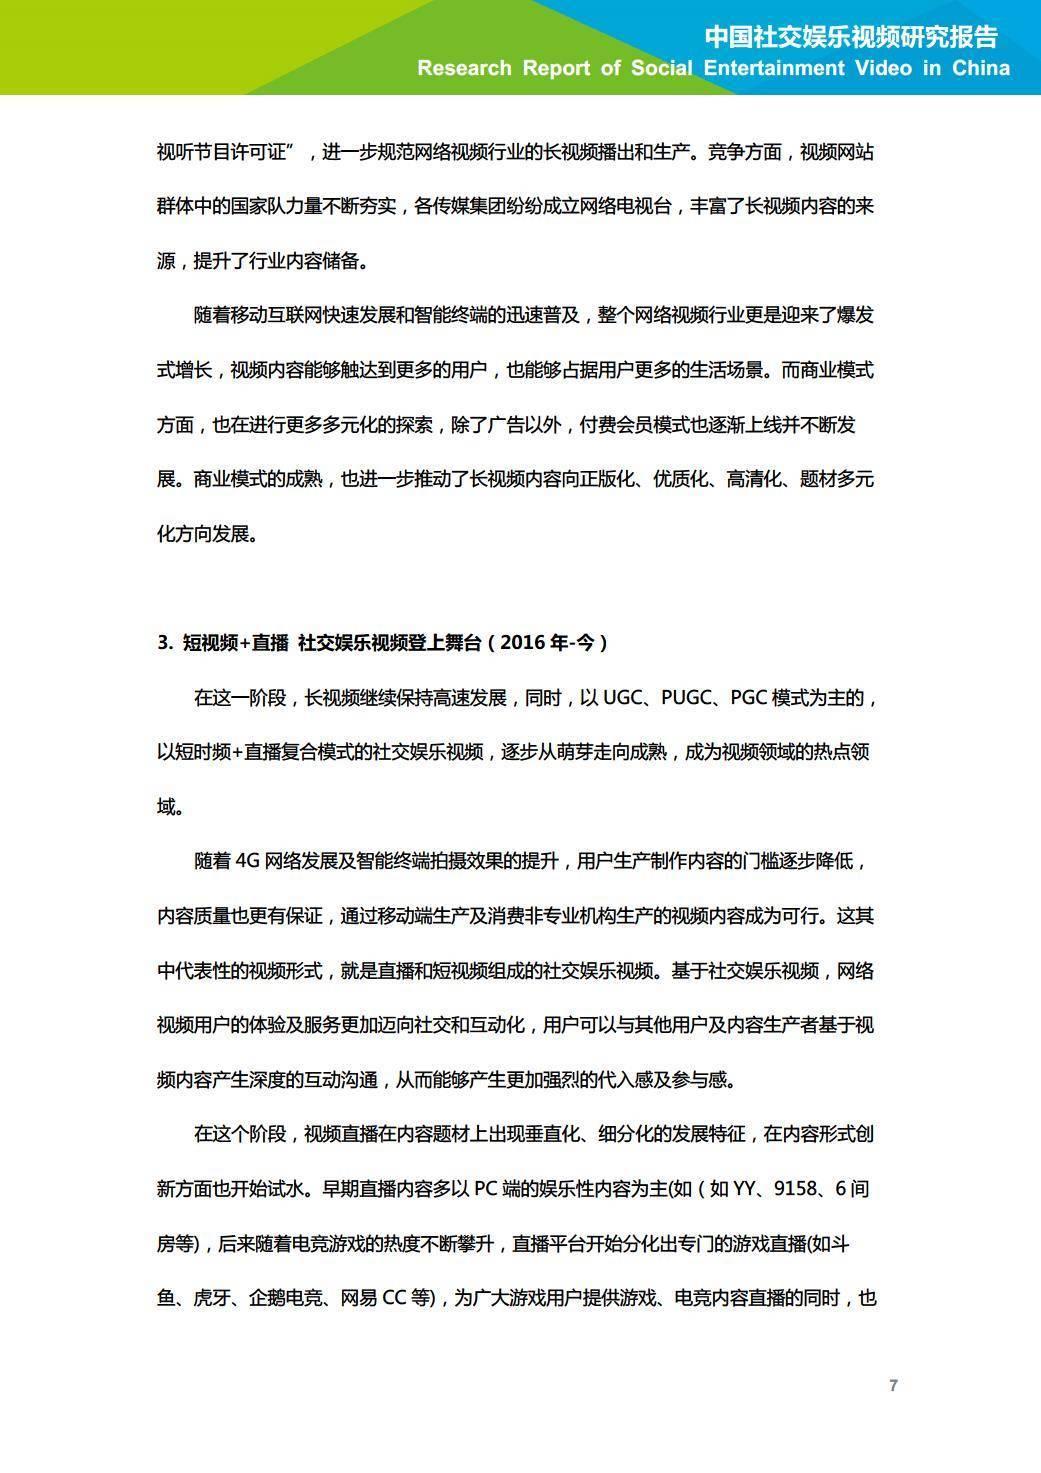 艾瑞咨询:2020年中国社交娱乐视频研究报告